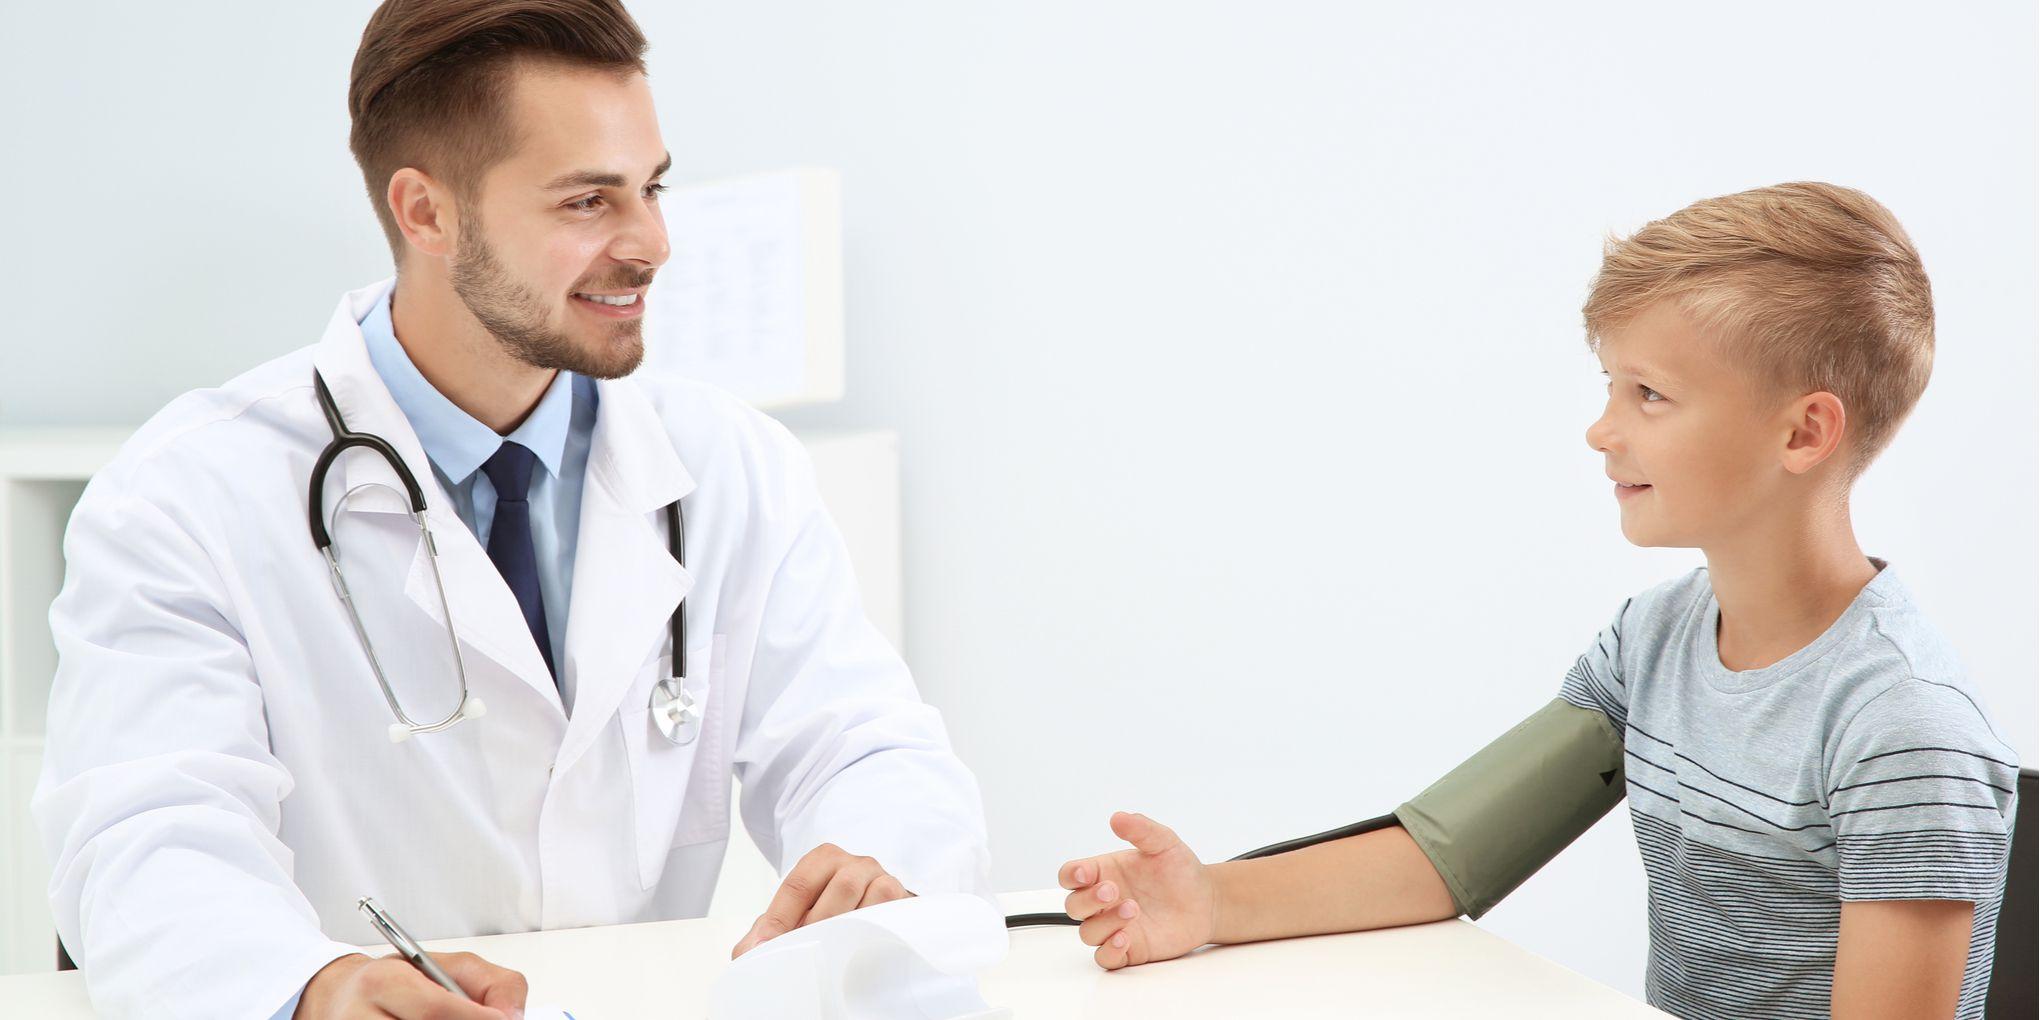 izometričke vježbe hipertenzija